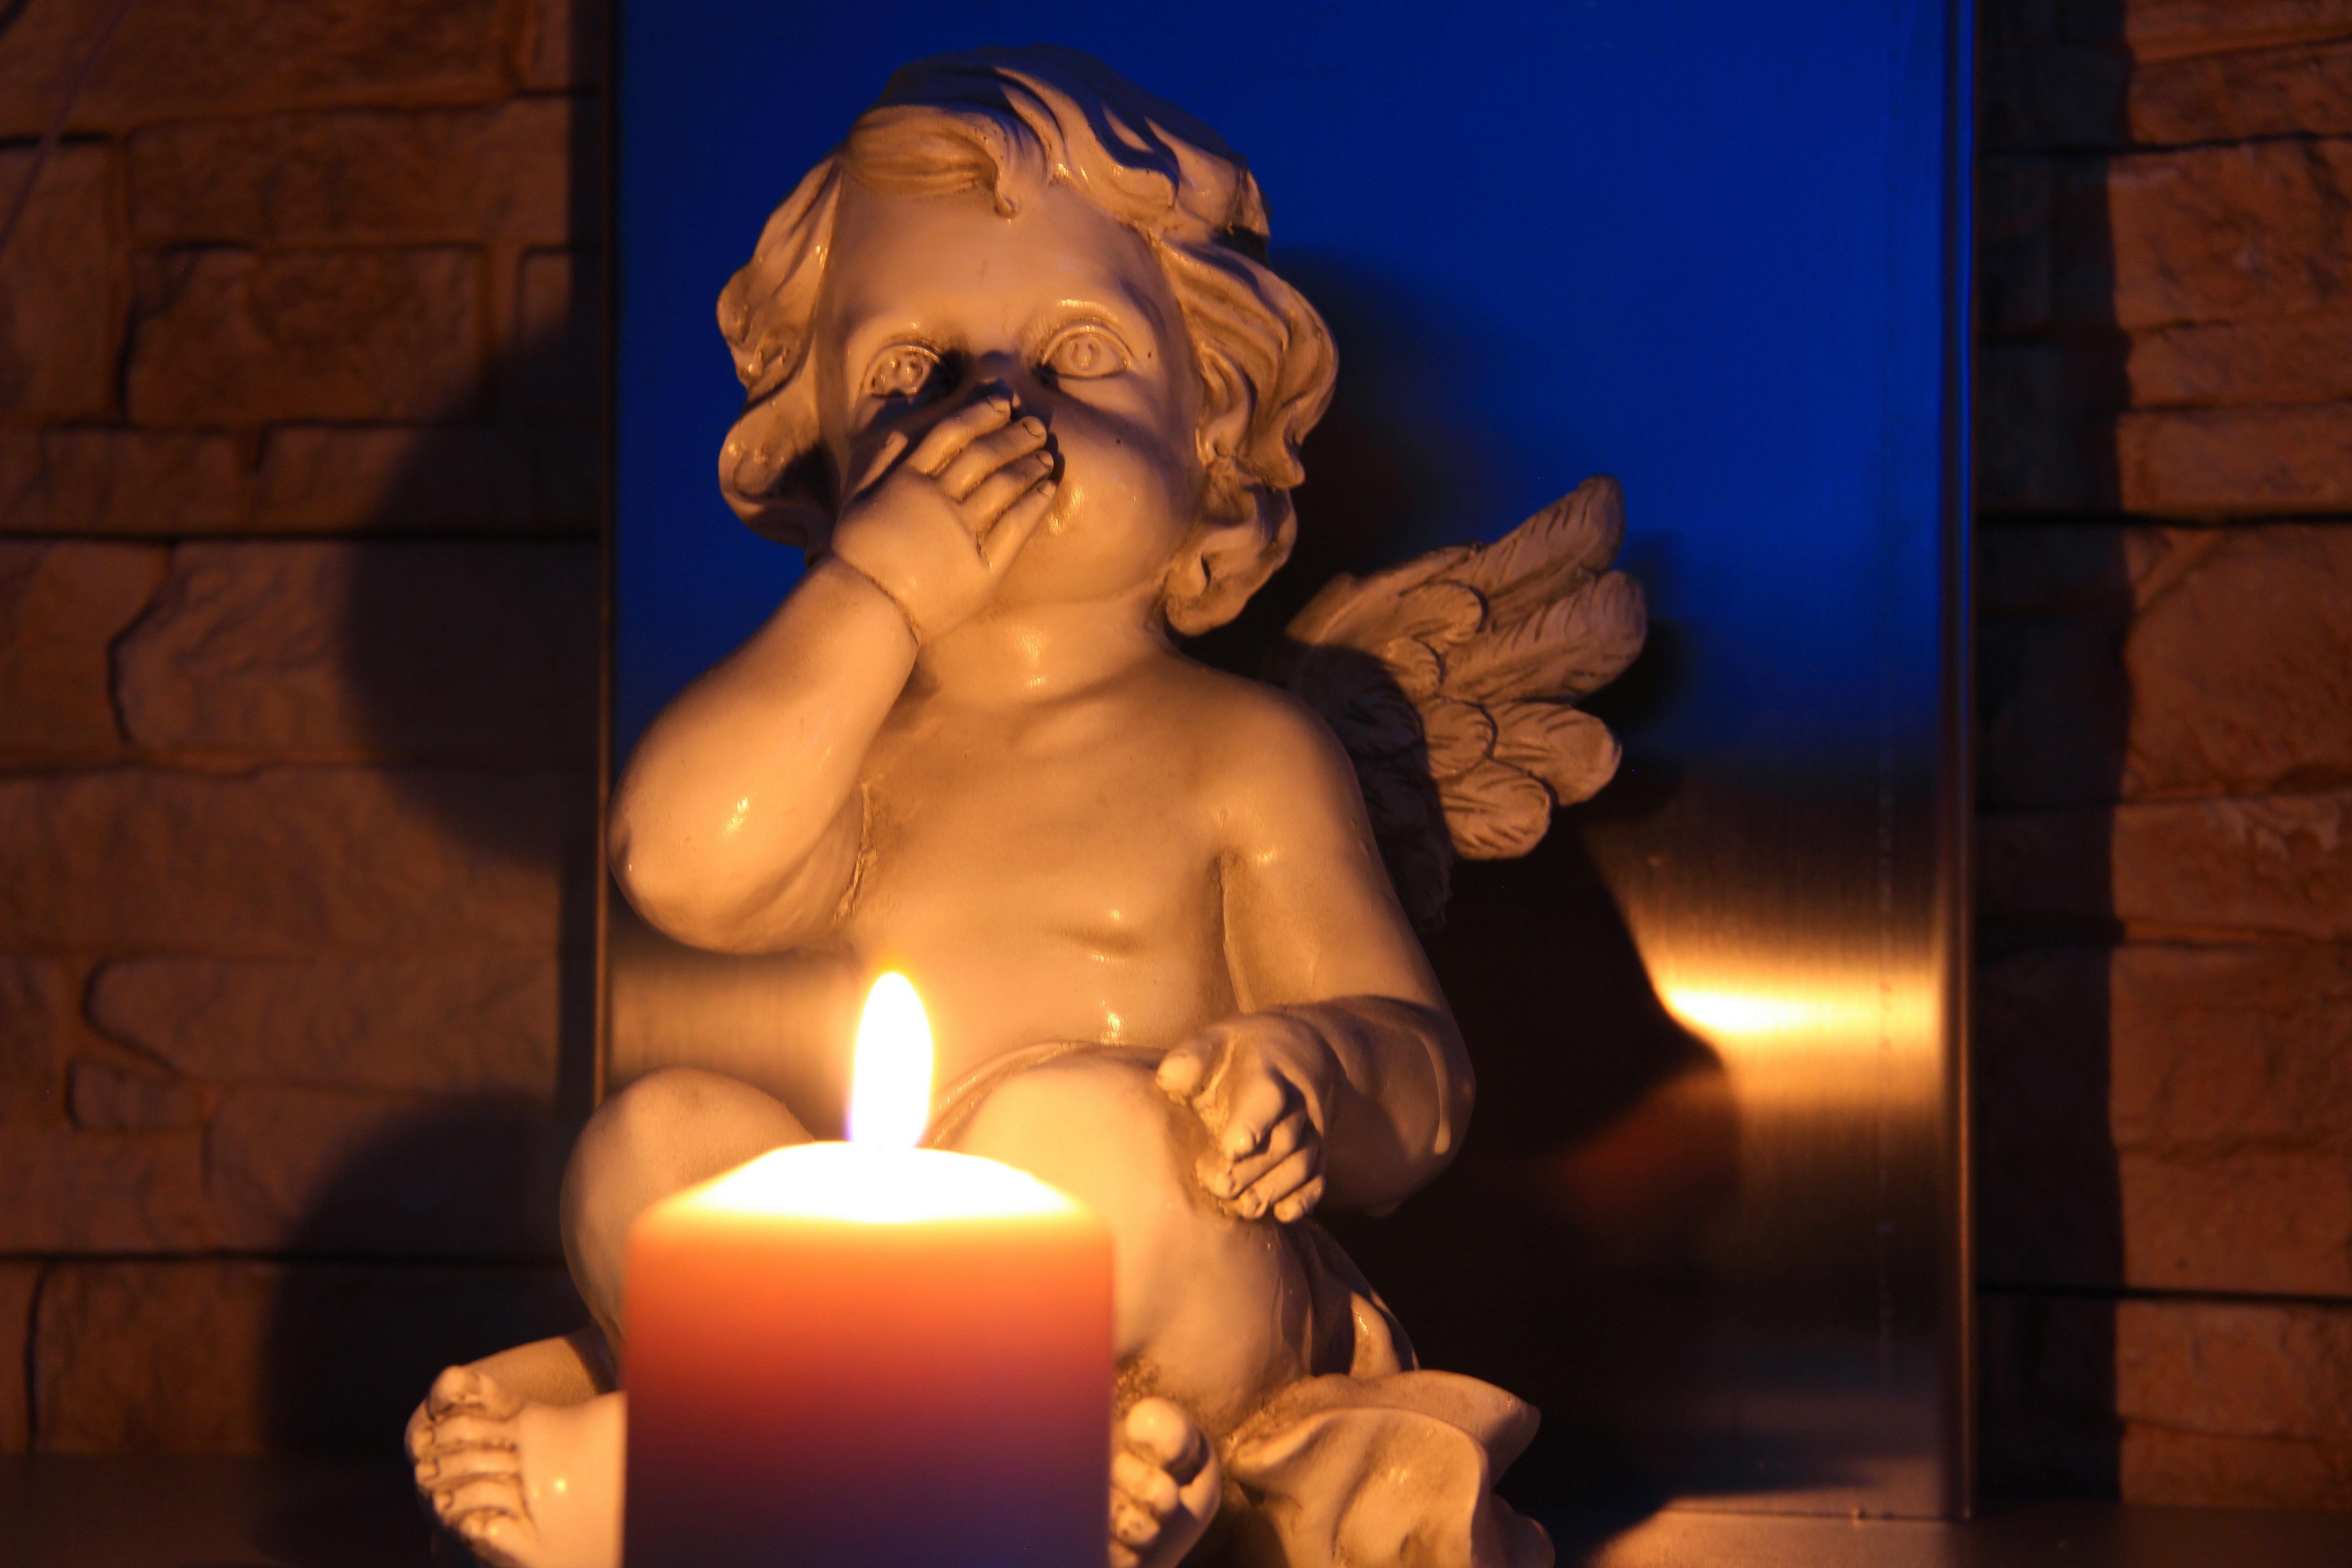 свечи с ангелами картинки сопровождают фотографии